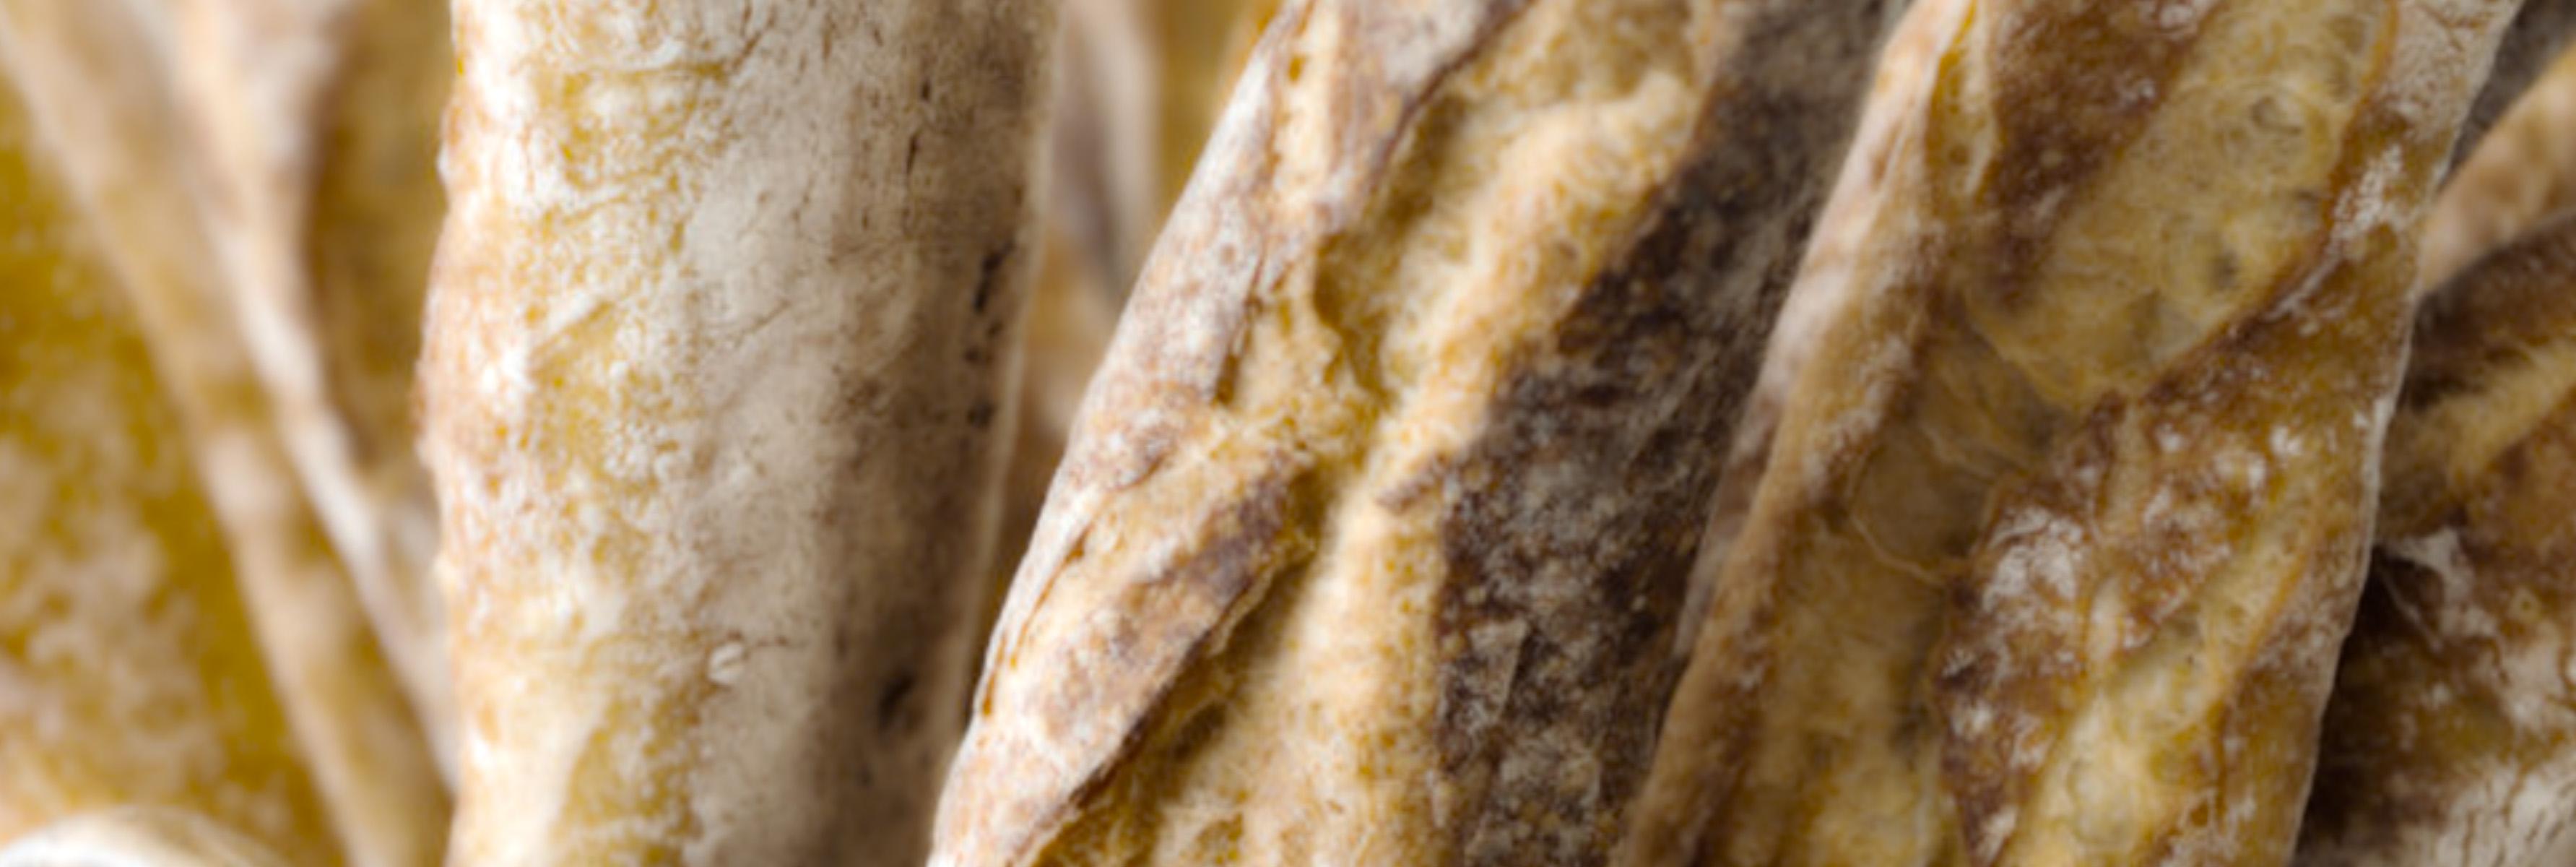 Atelier-Monnier-Bread-About-Us